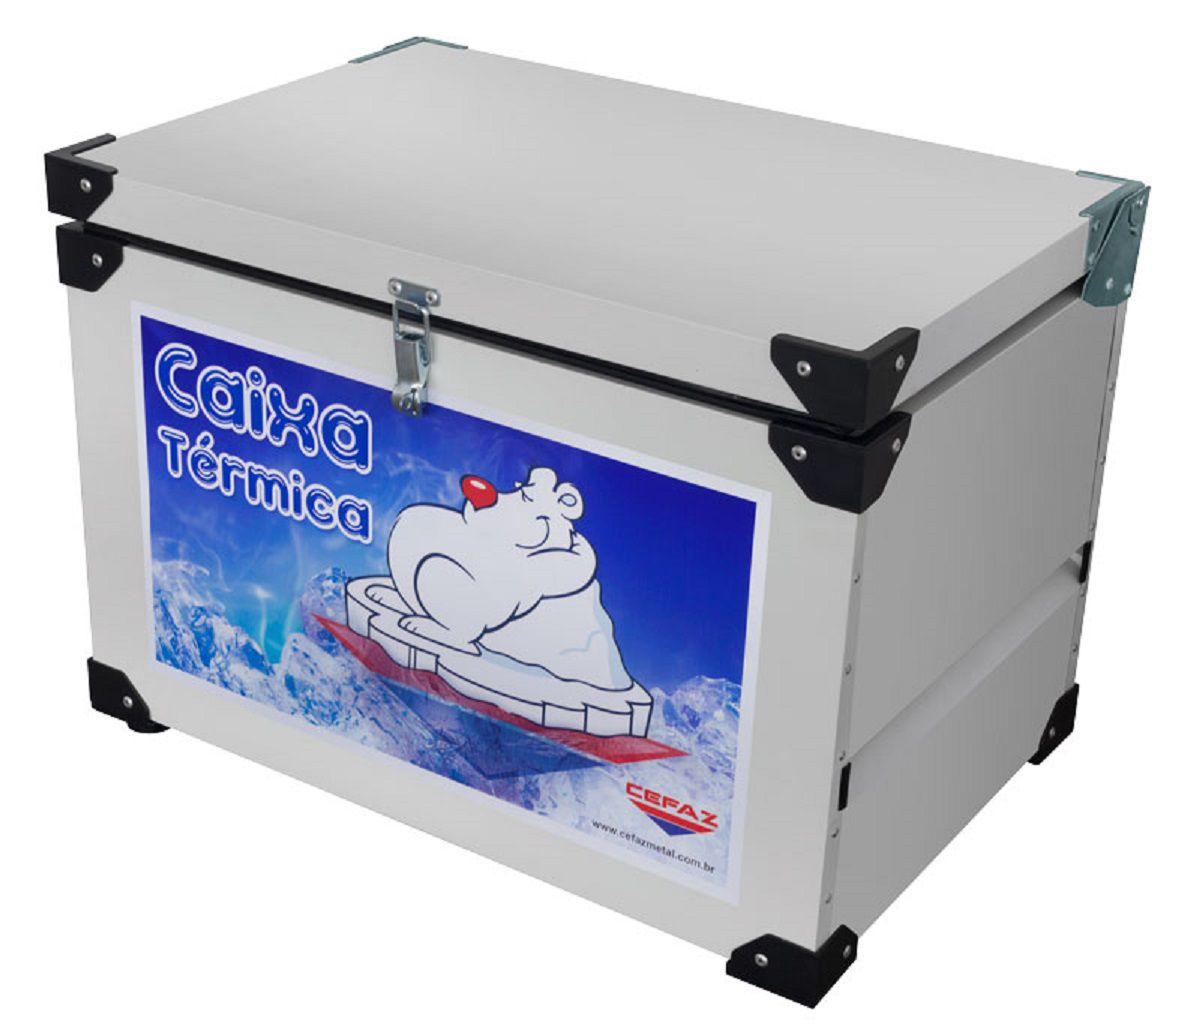 Caixa Térmica 150 Litros Chapa Int. Galvanizada - CTG-150 -  CEFAZ